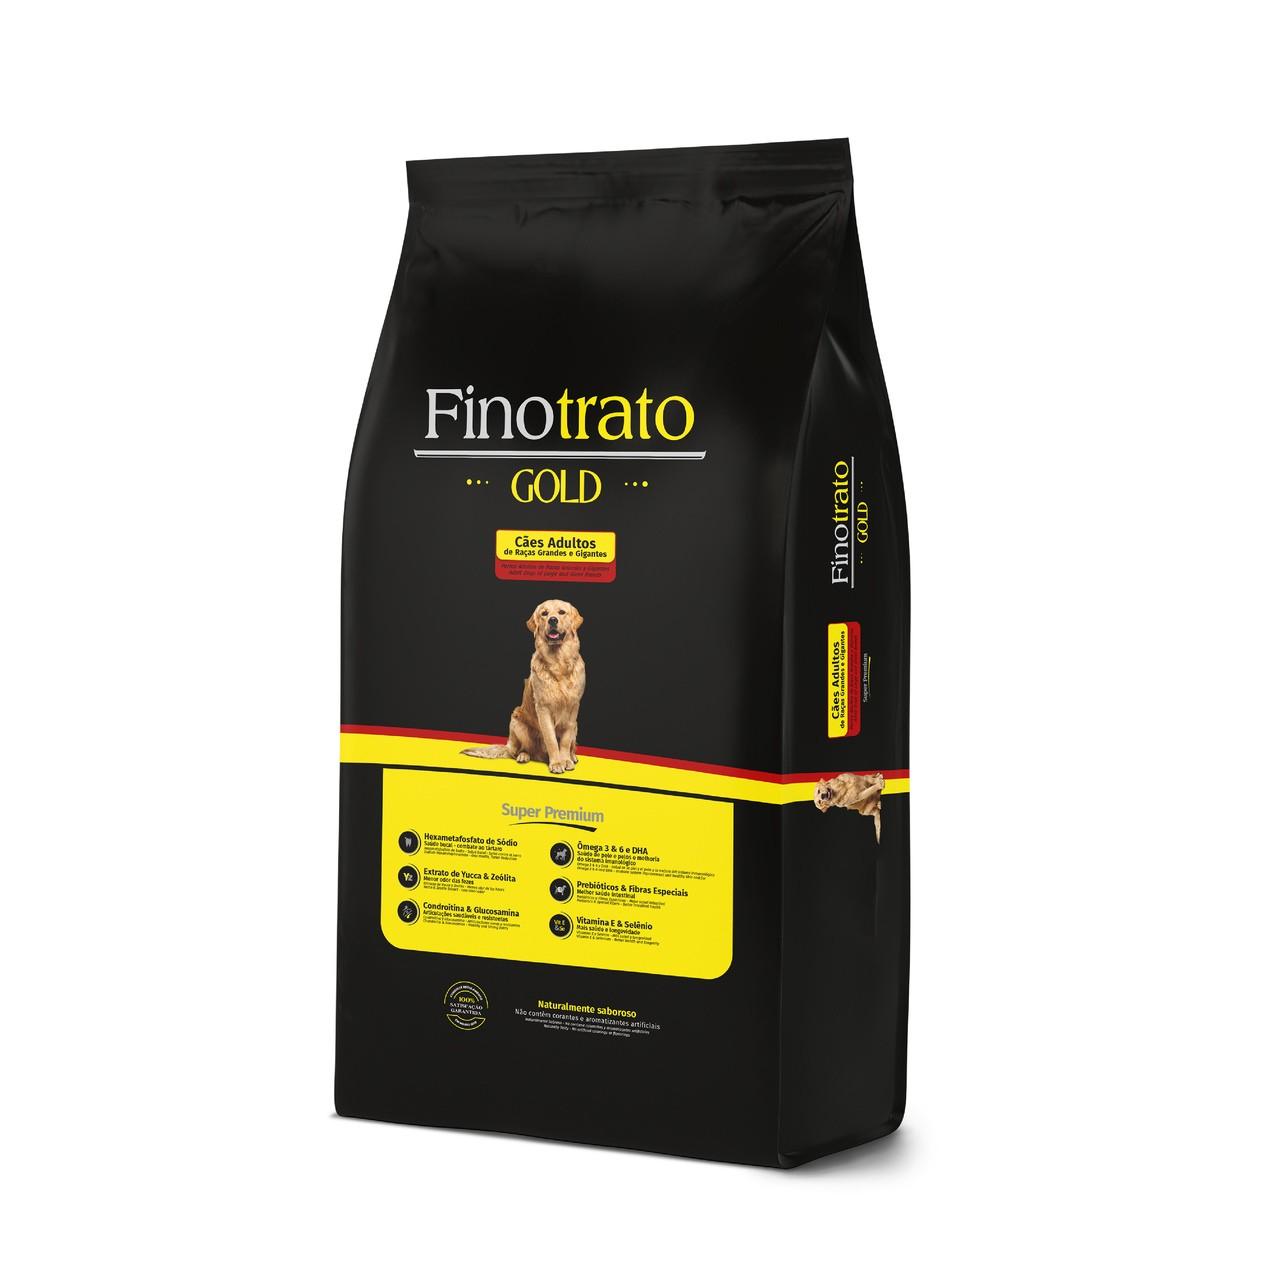 Ração Fino Trato Gold Grande Porte Adulto - 15Kg + 1,5Kg Grátis